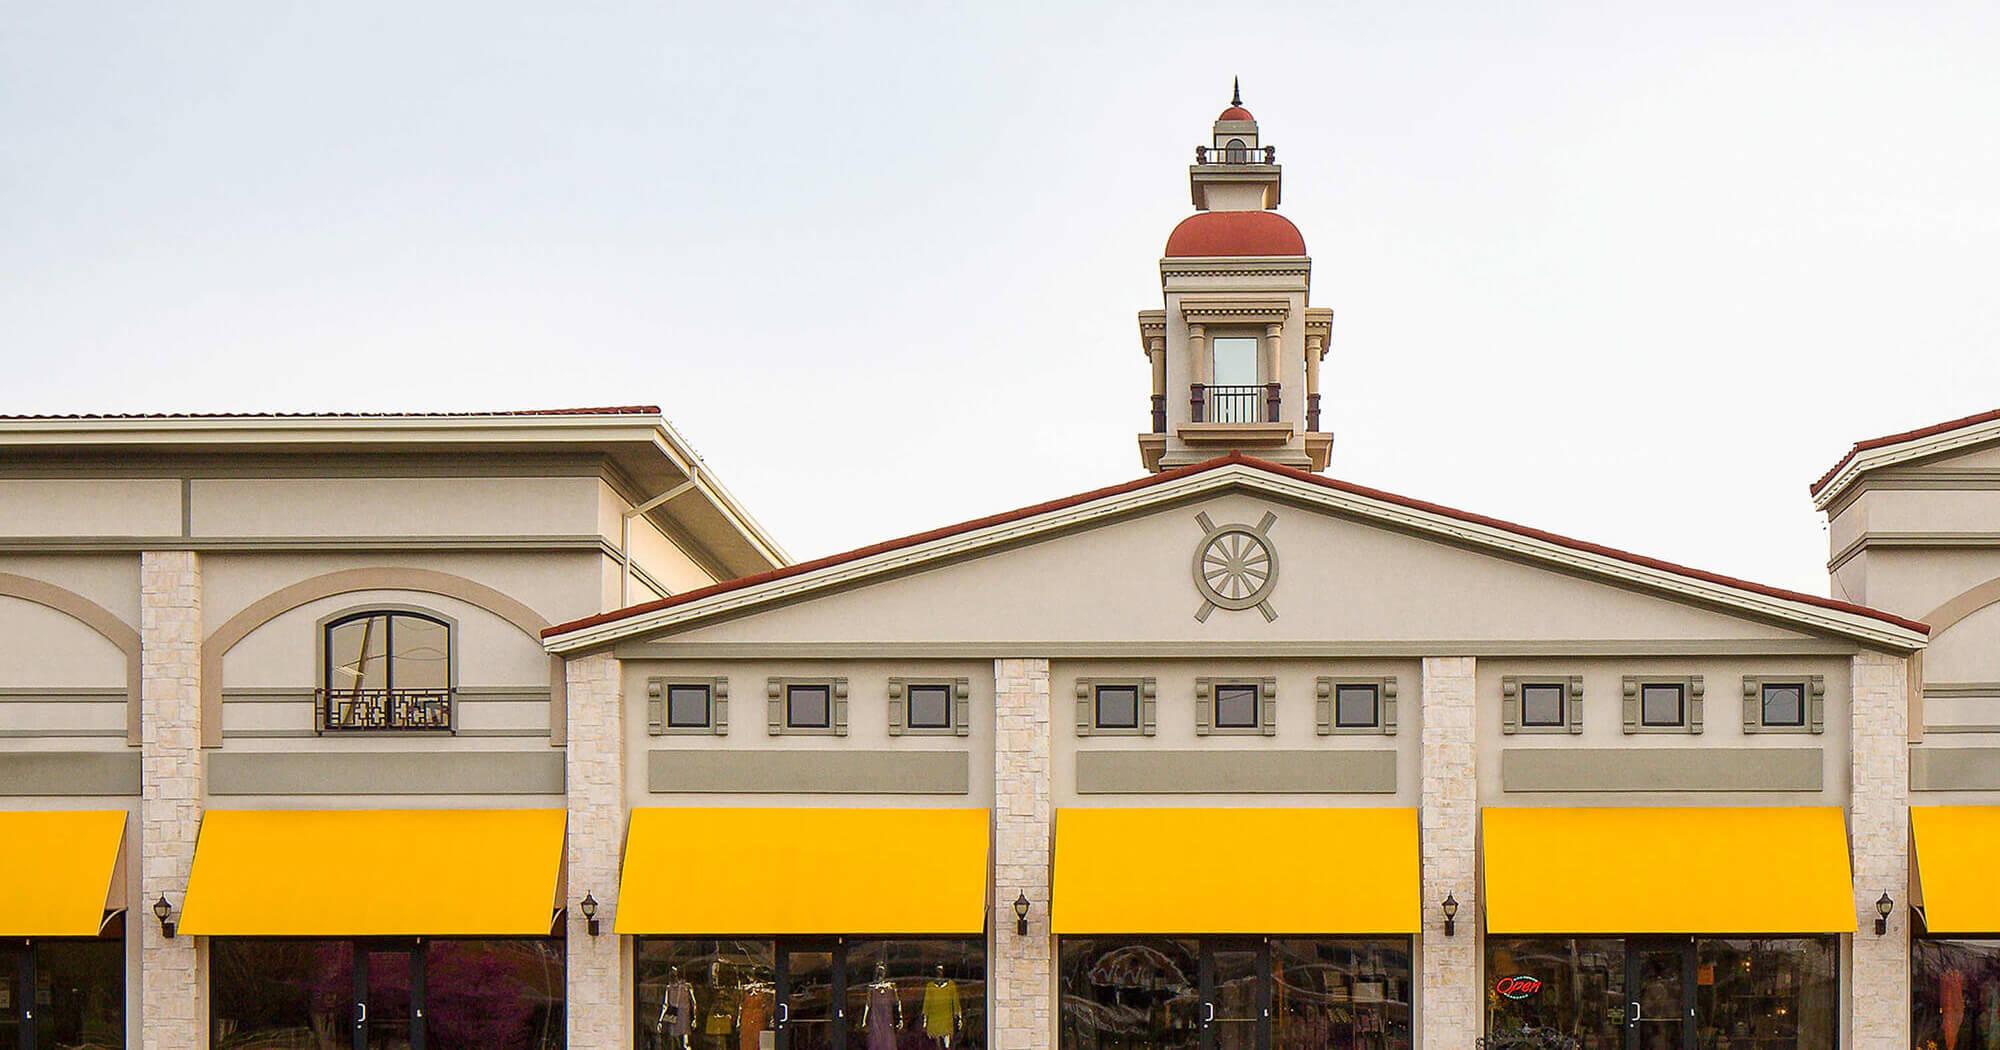 Un centro comercial obtiene un toque de color con toldos elaborados utilizando tela Sunbrella para parasoles en amarillo